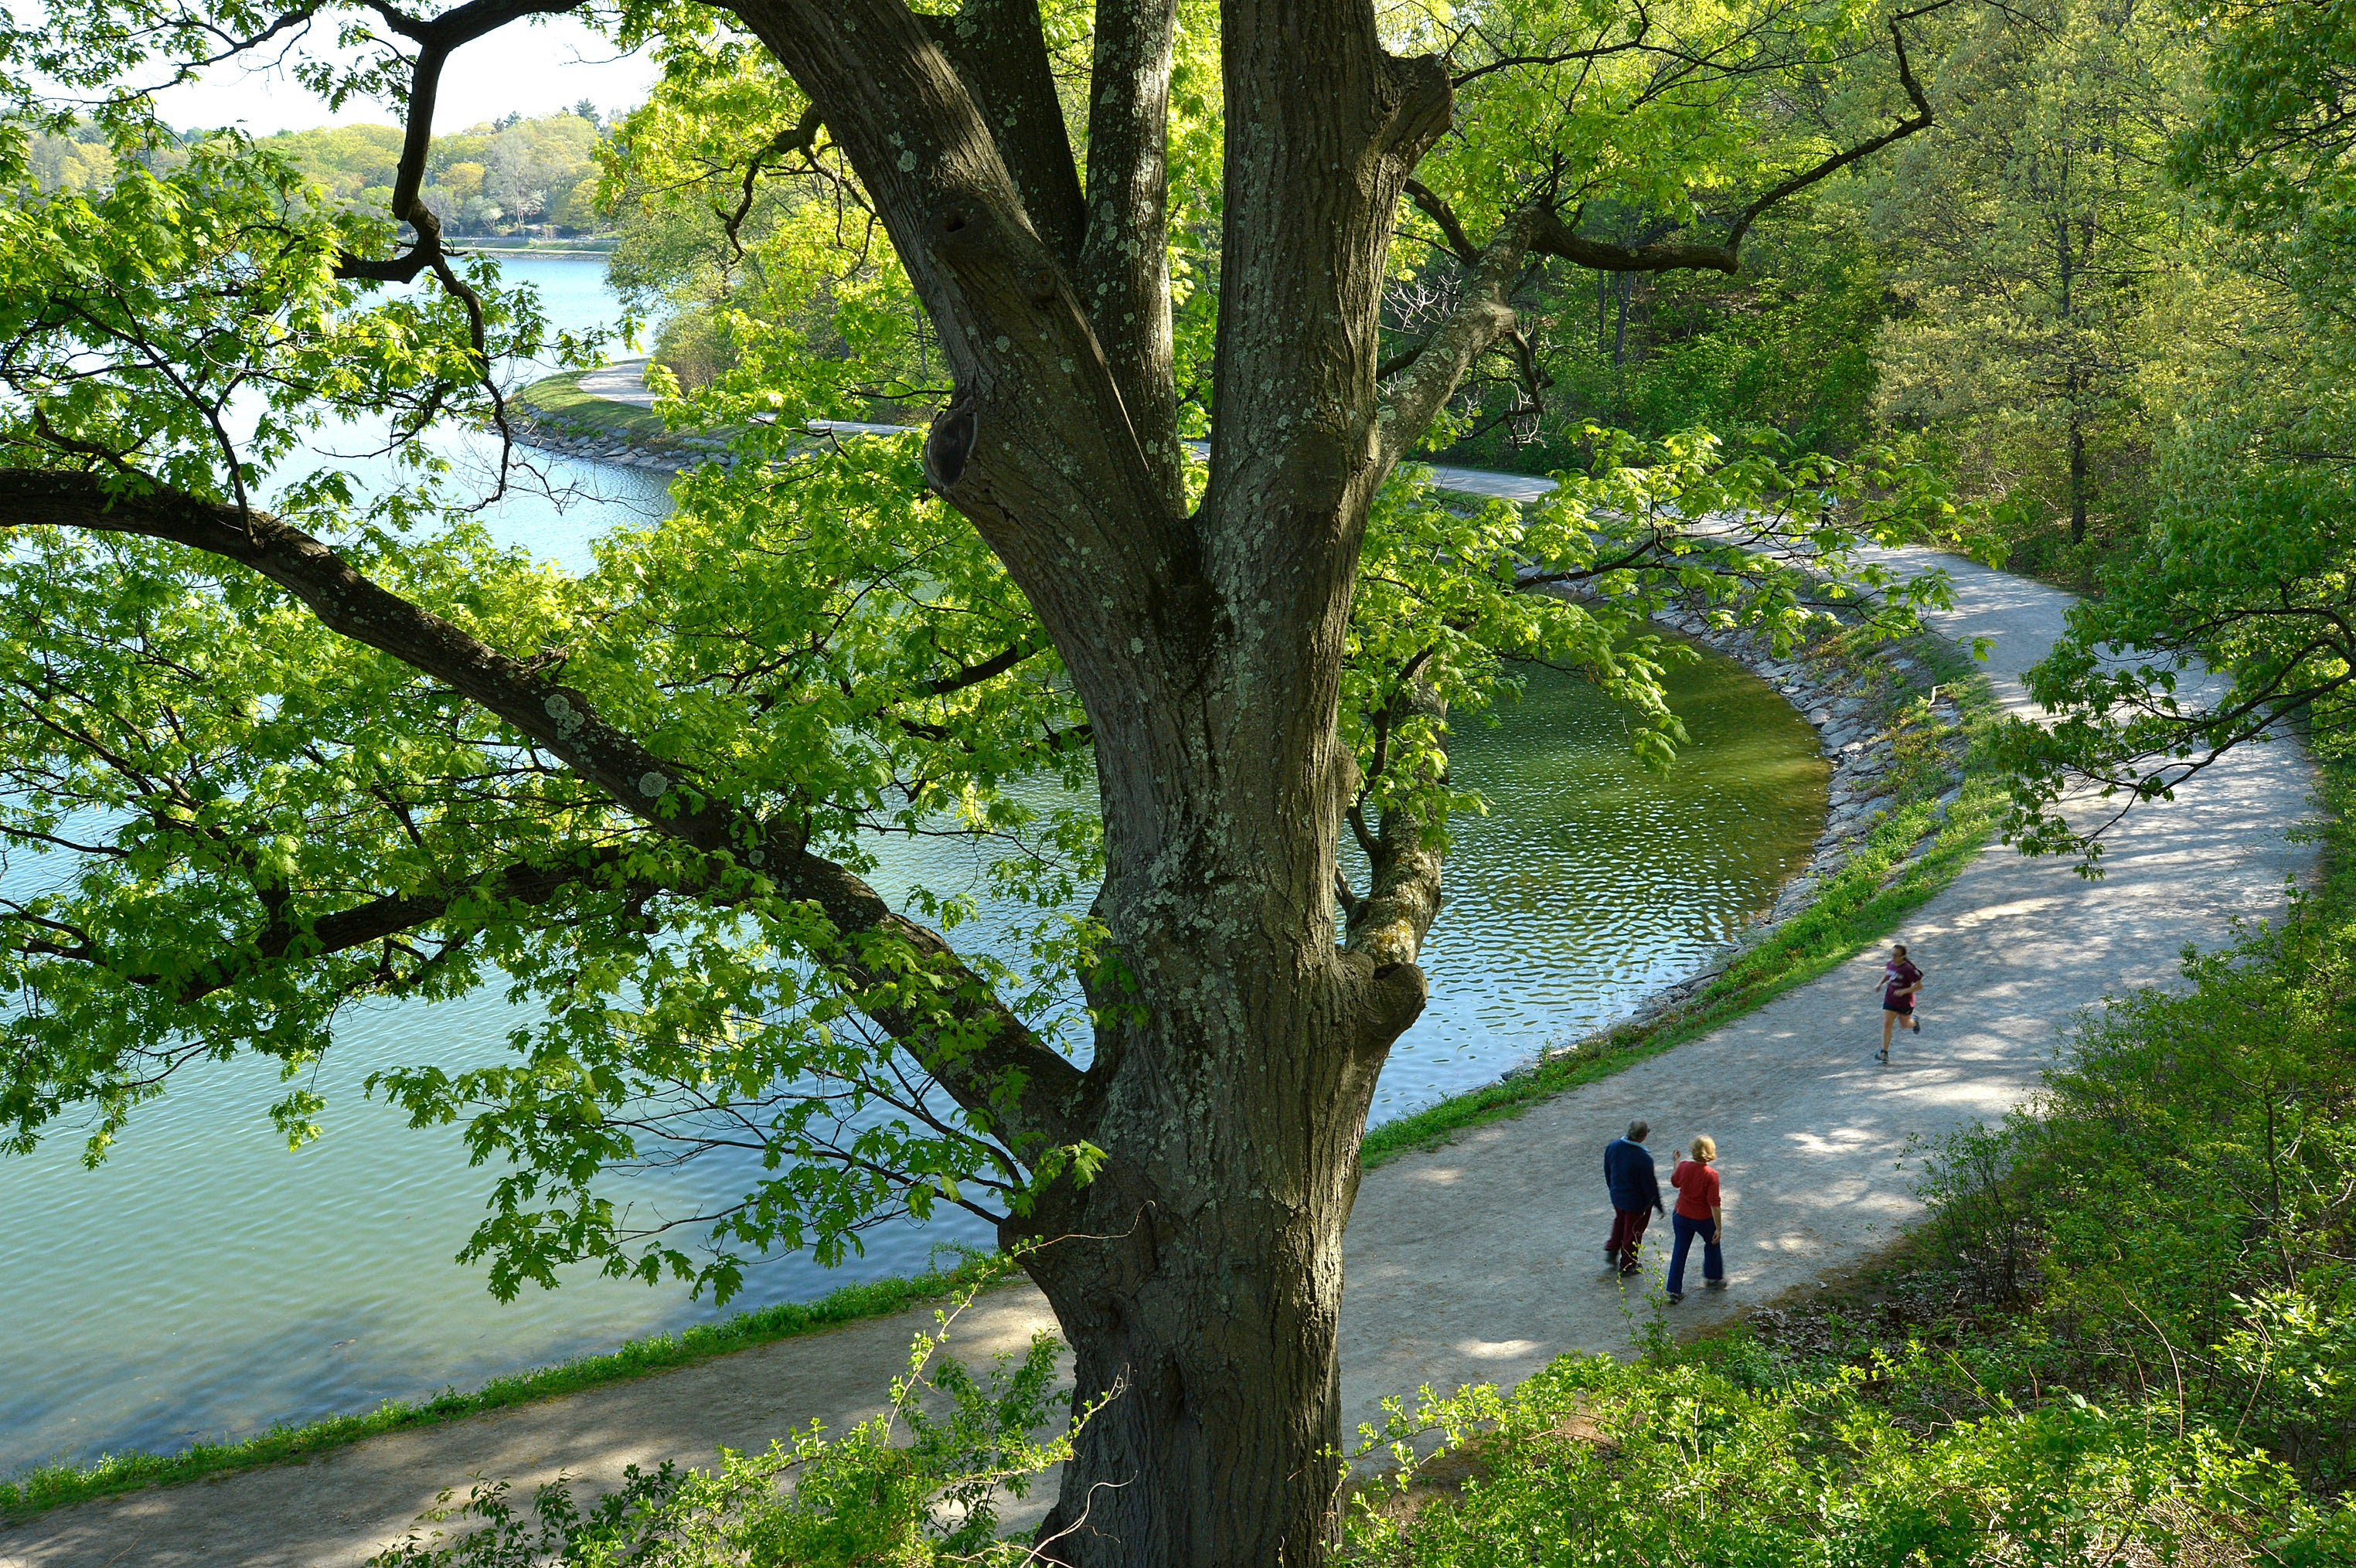 The Chestnut Hill Reservoir